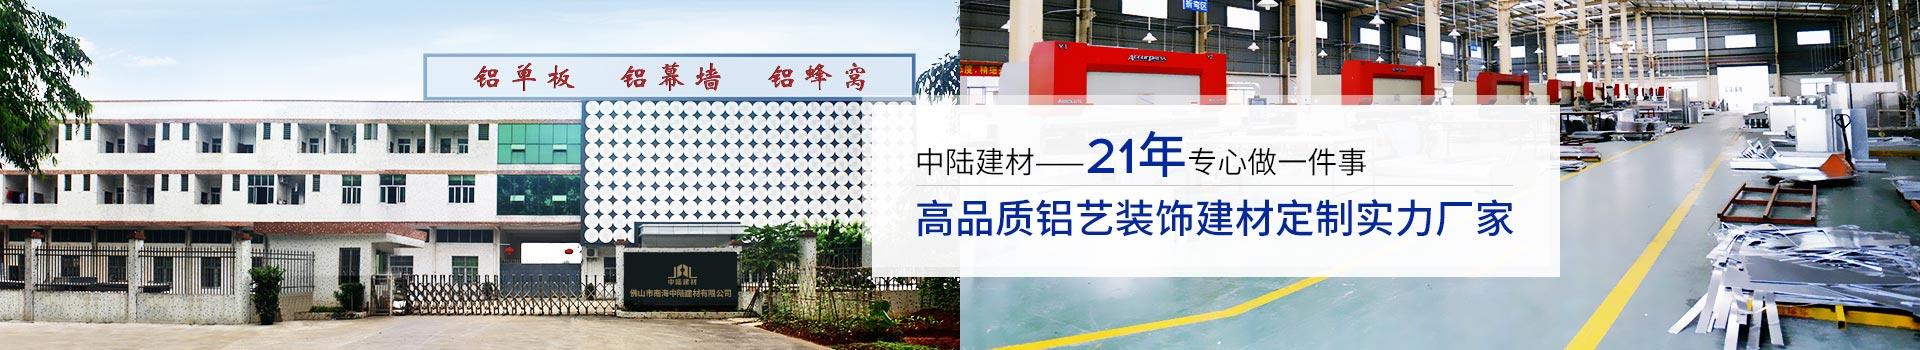 中陆建材-21年专心做一件事